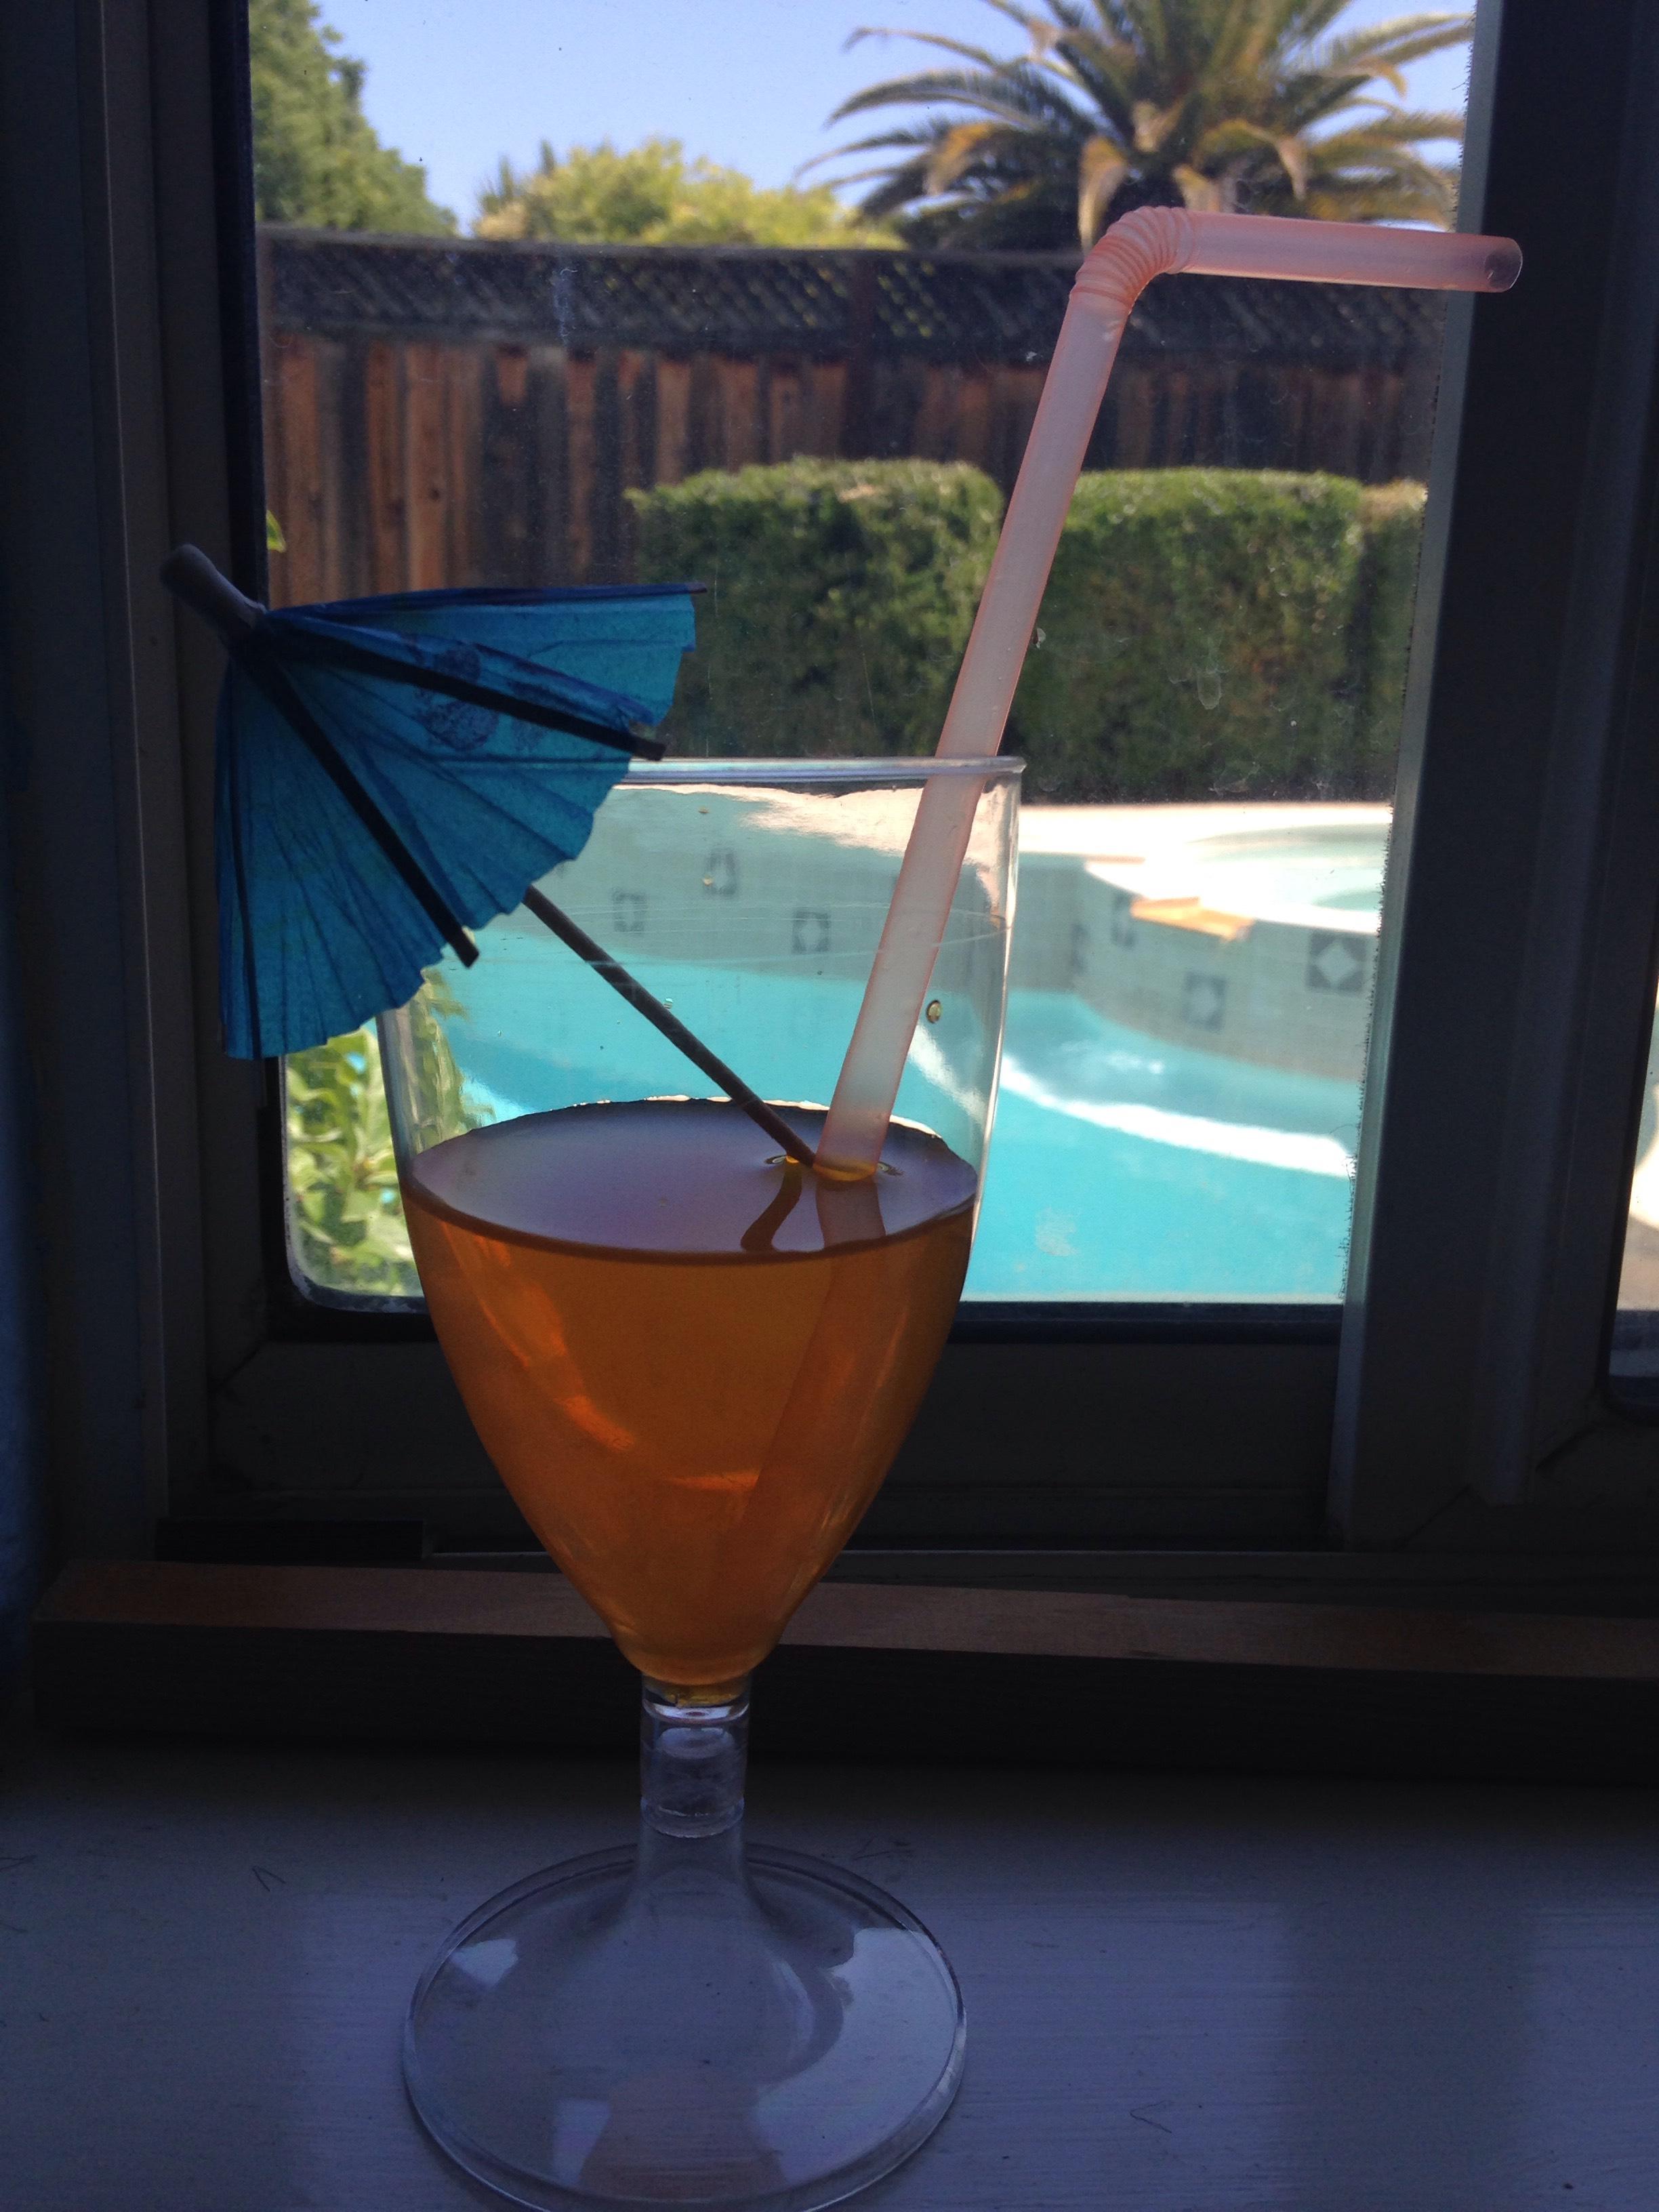 Picture of Straw and Mini Umbrella